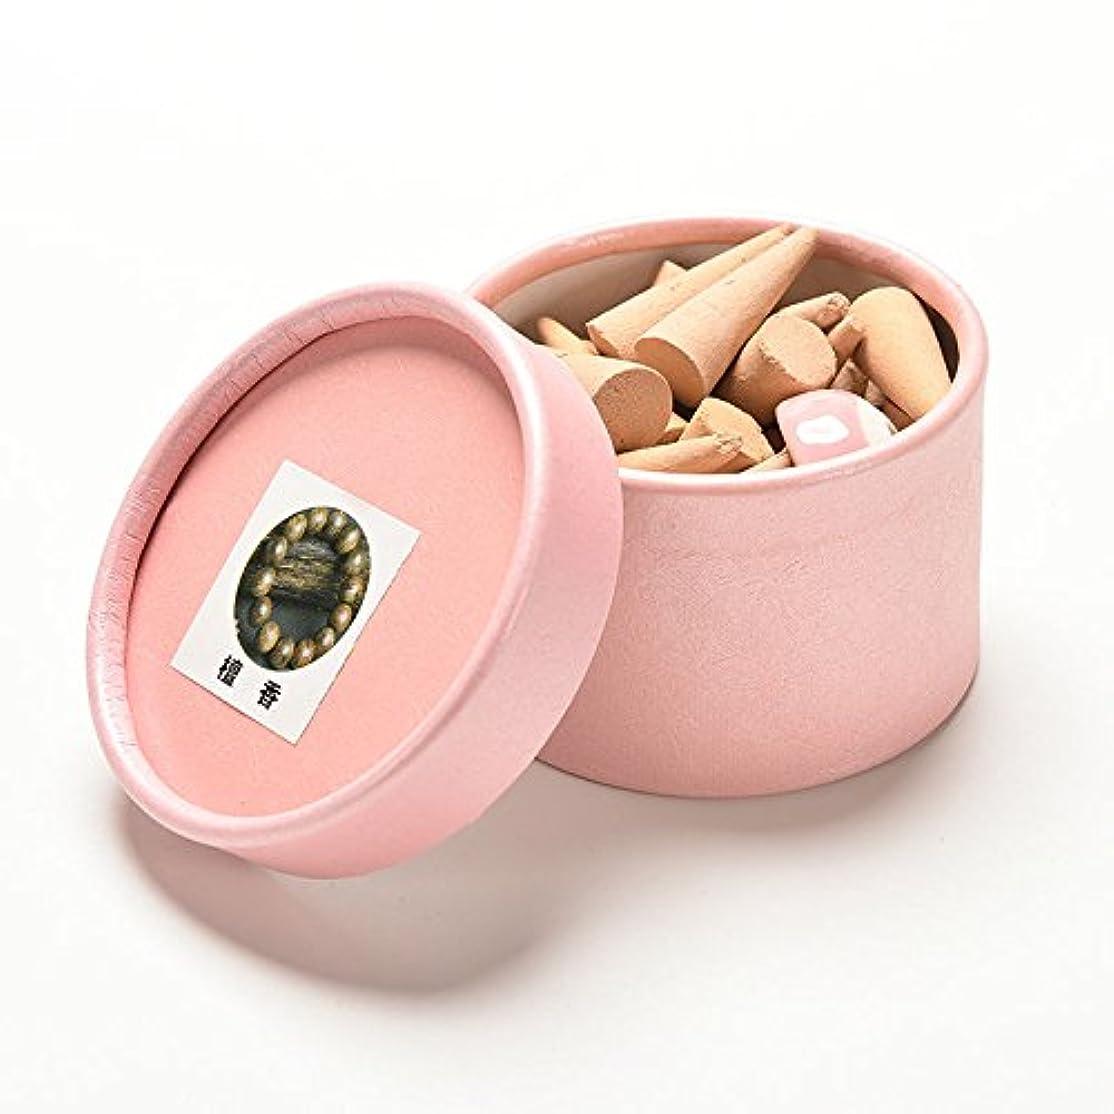 SQingYu アロマテラピーフローラルインセンスコーン フレグランス ローズチューリップ 香り タワー香り アロマセラピーの香り 40個 ベージュ